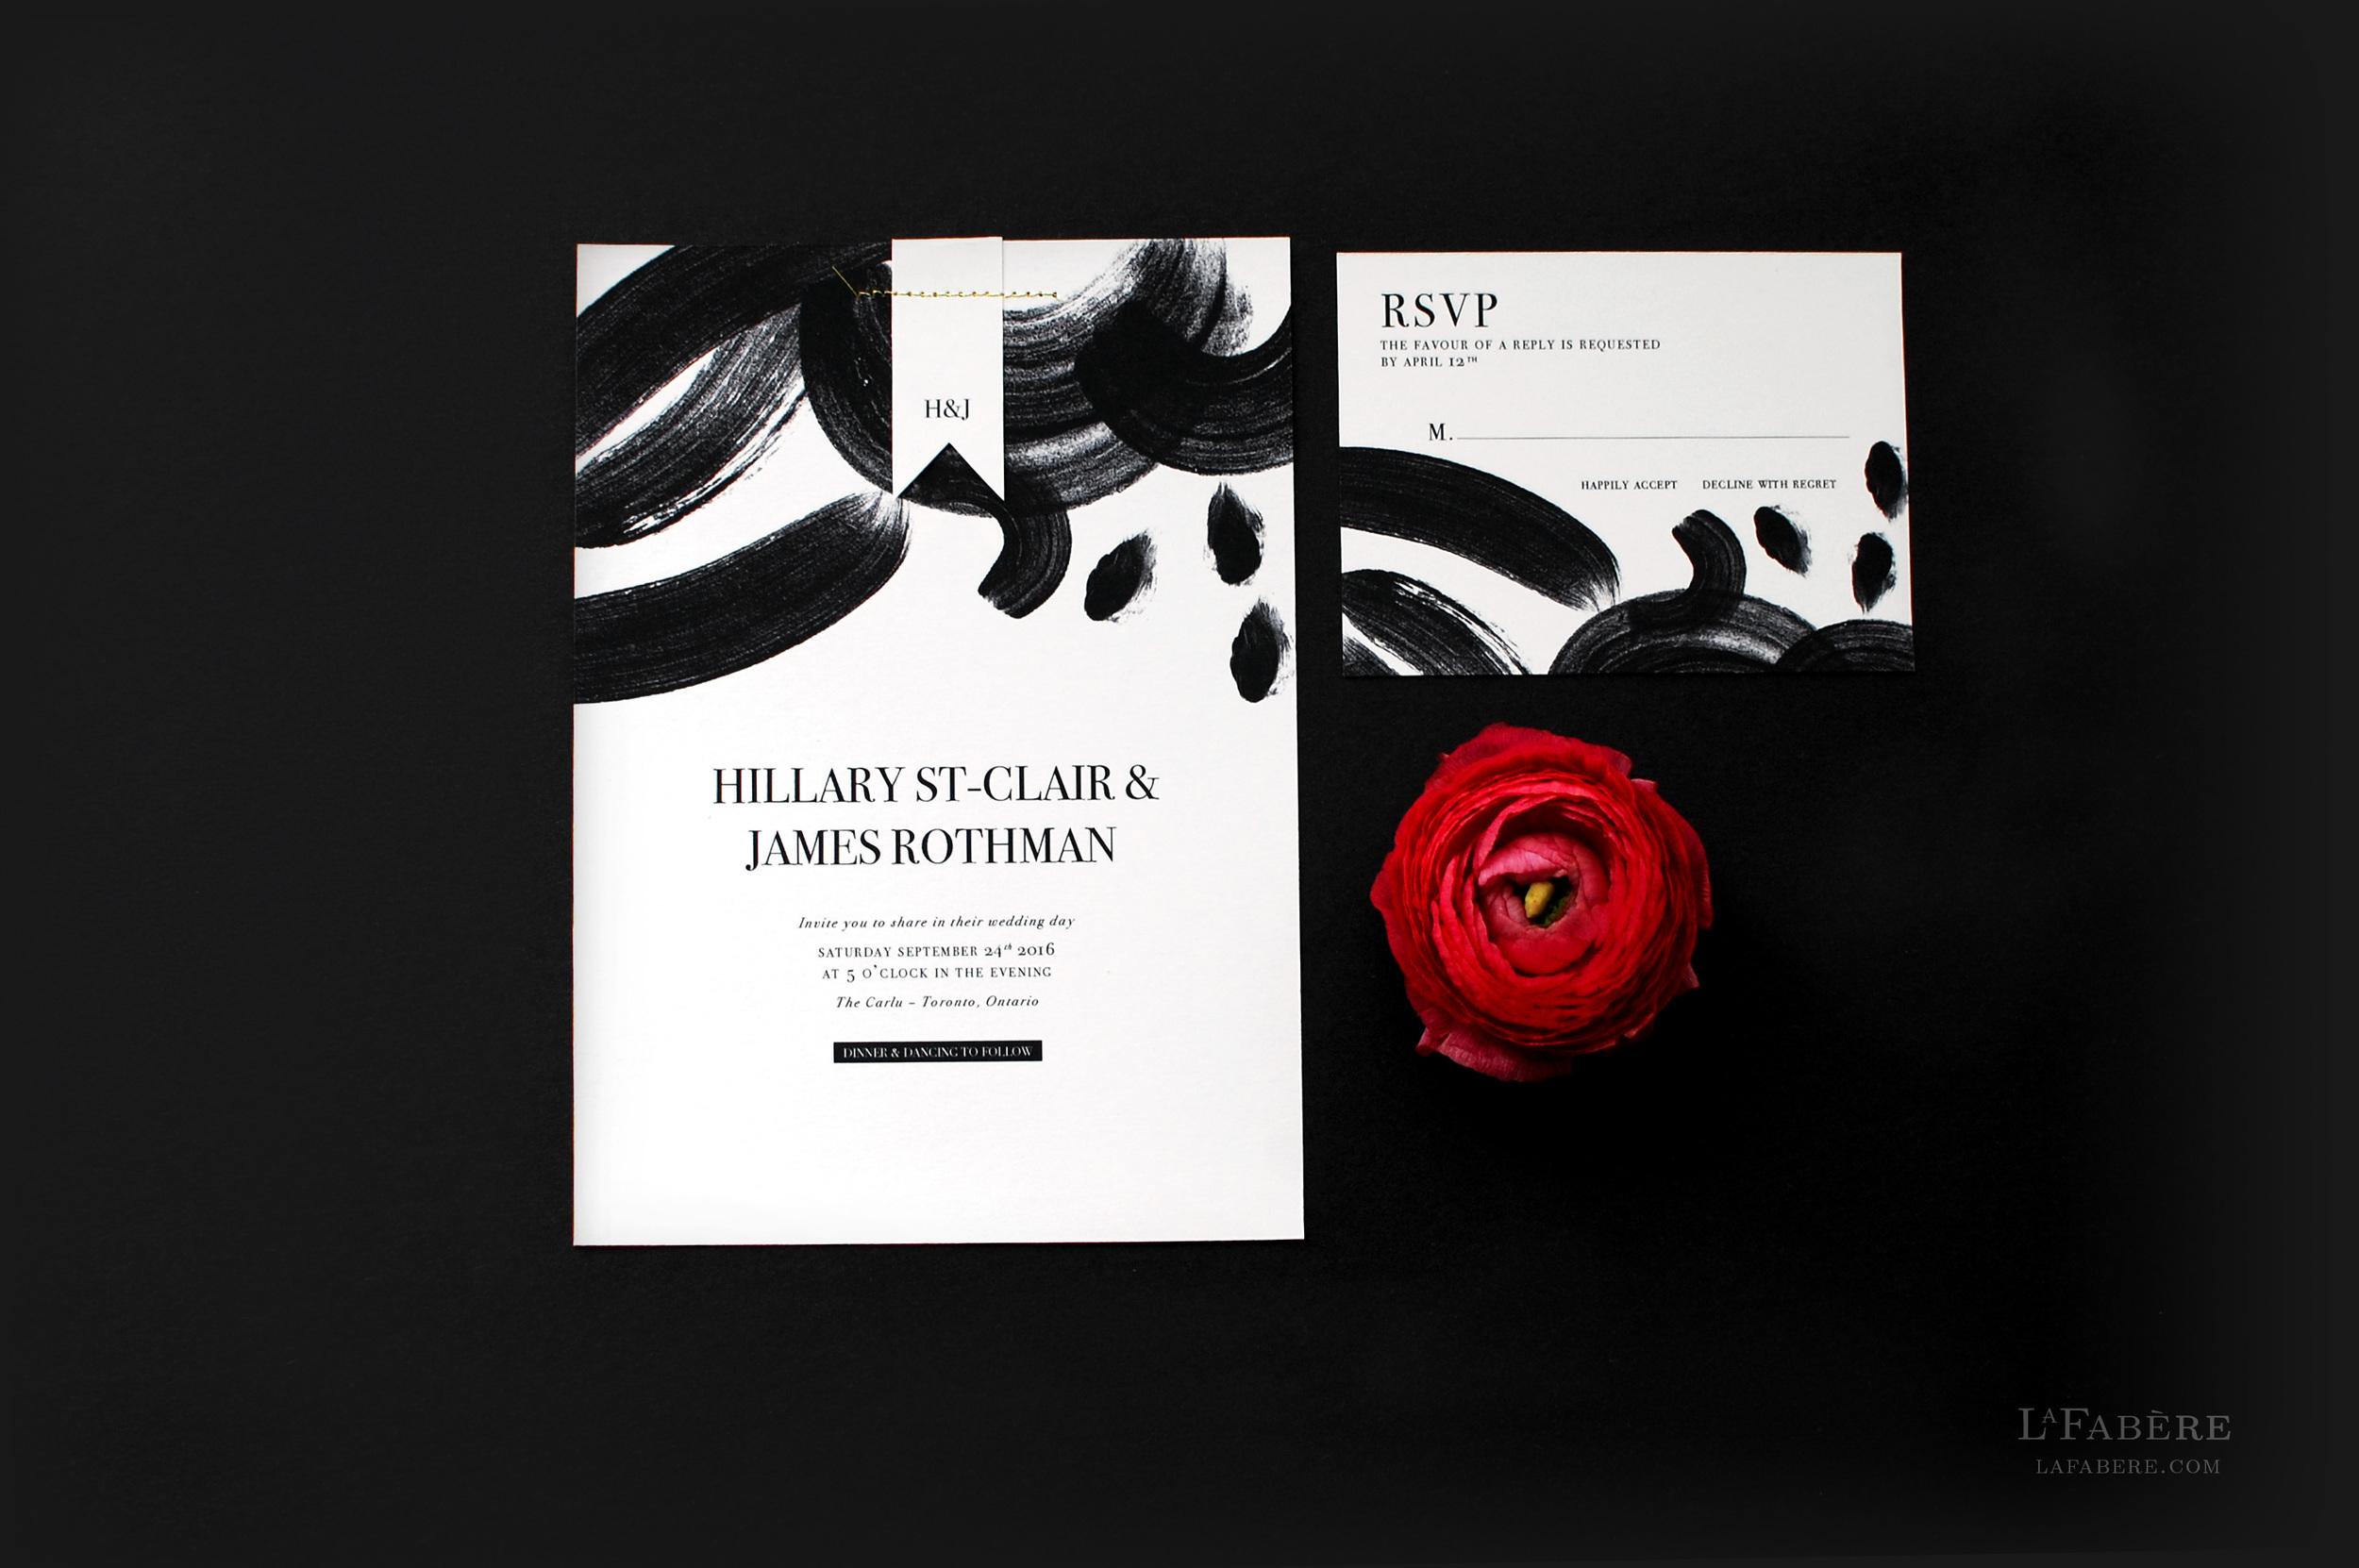 Artsy & Chic wedding invitation design by LaFabère. lafabere.com